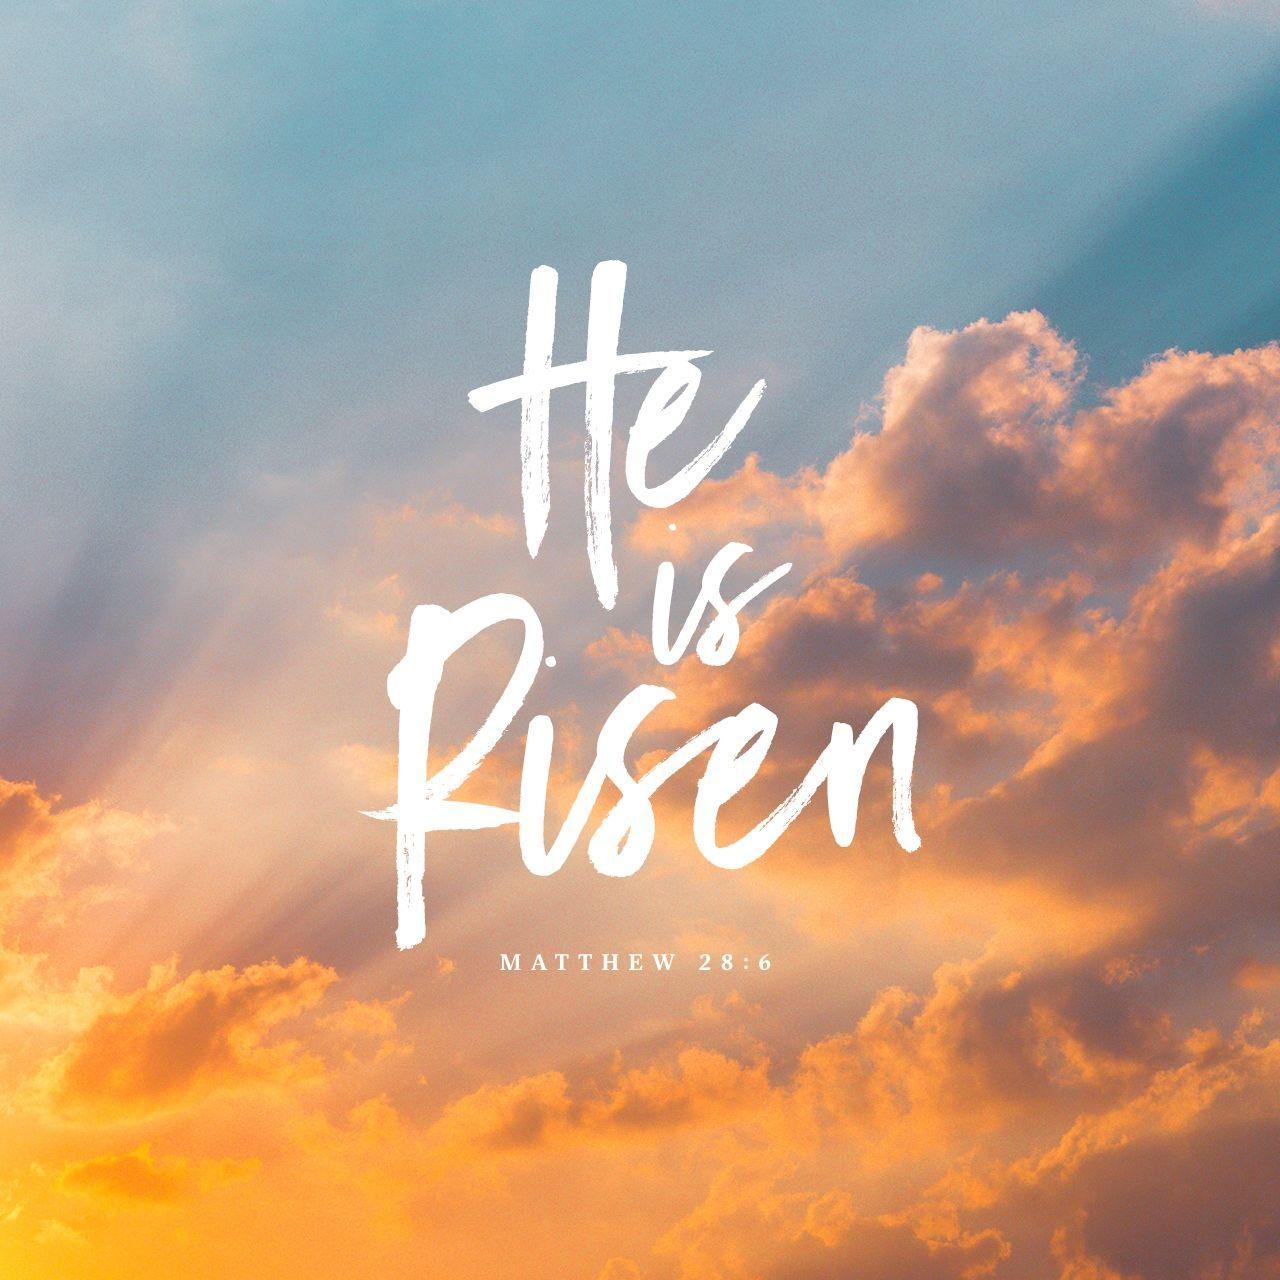 He is risen! | Jesus is alive, Bible, Matthew 28